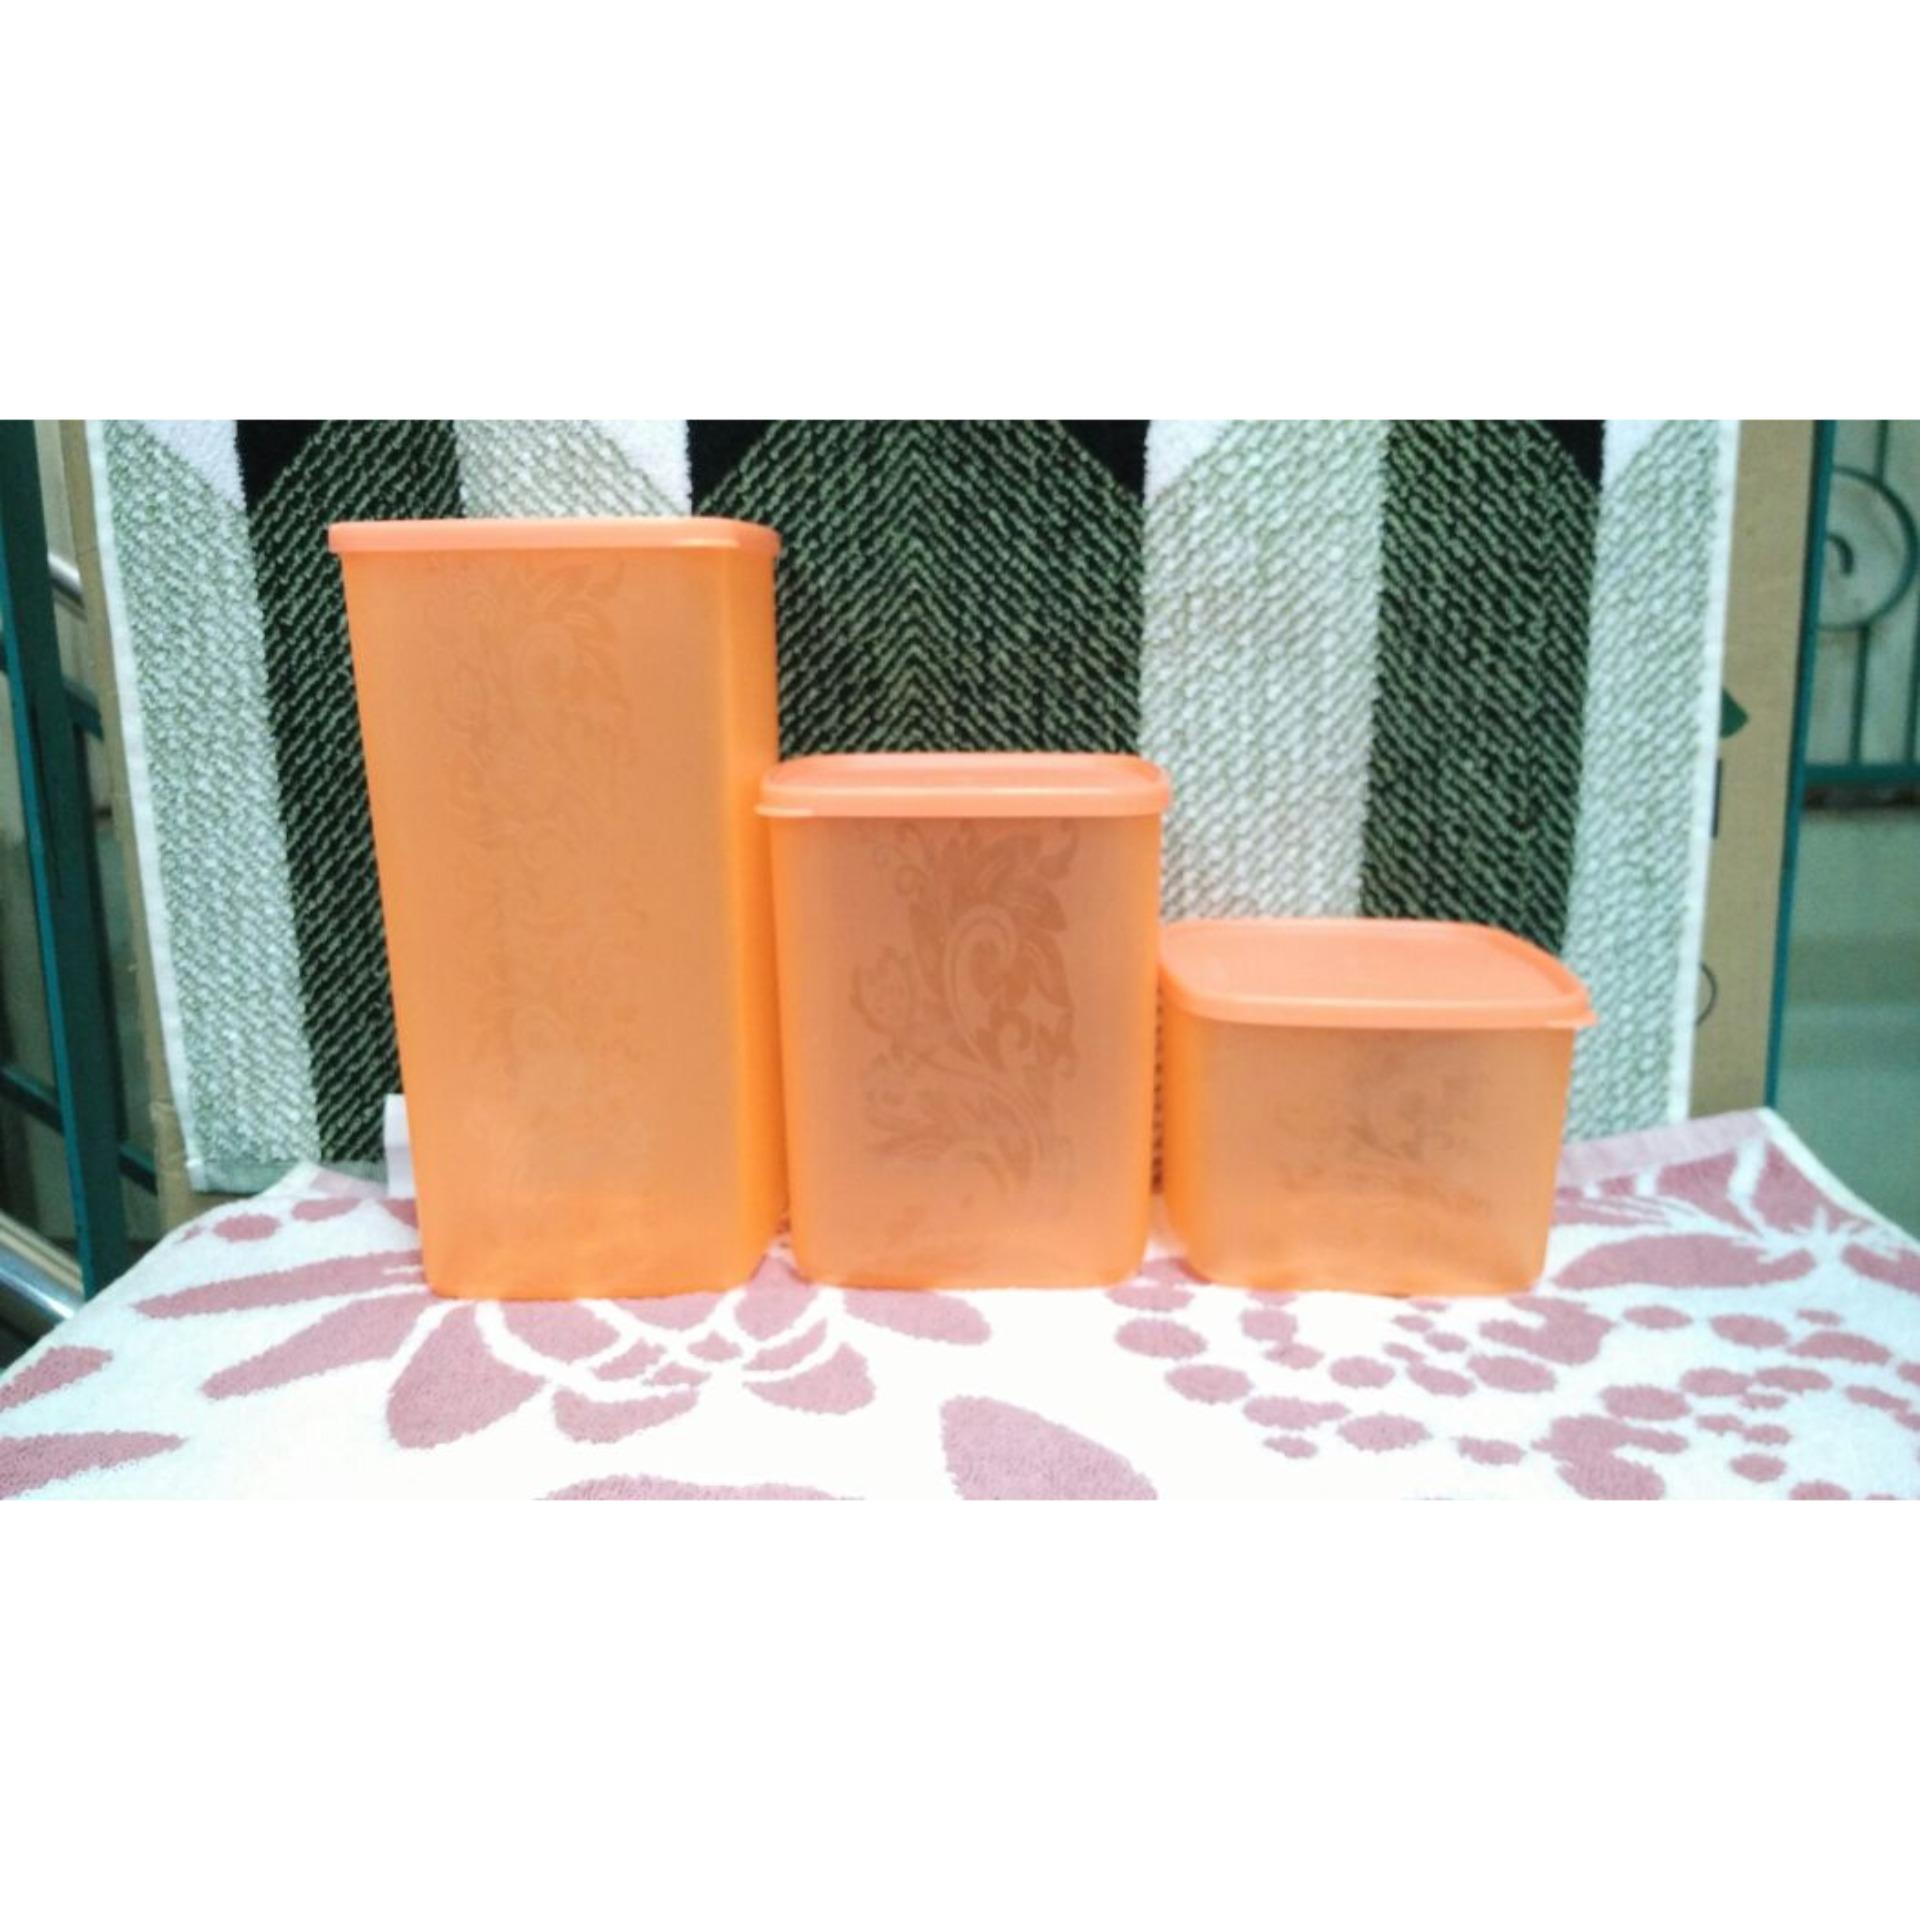 Fitur Toples Plastik Kiramas Sealware 15l Dan Harga Terbaru Sambal Batik Set Sunrice